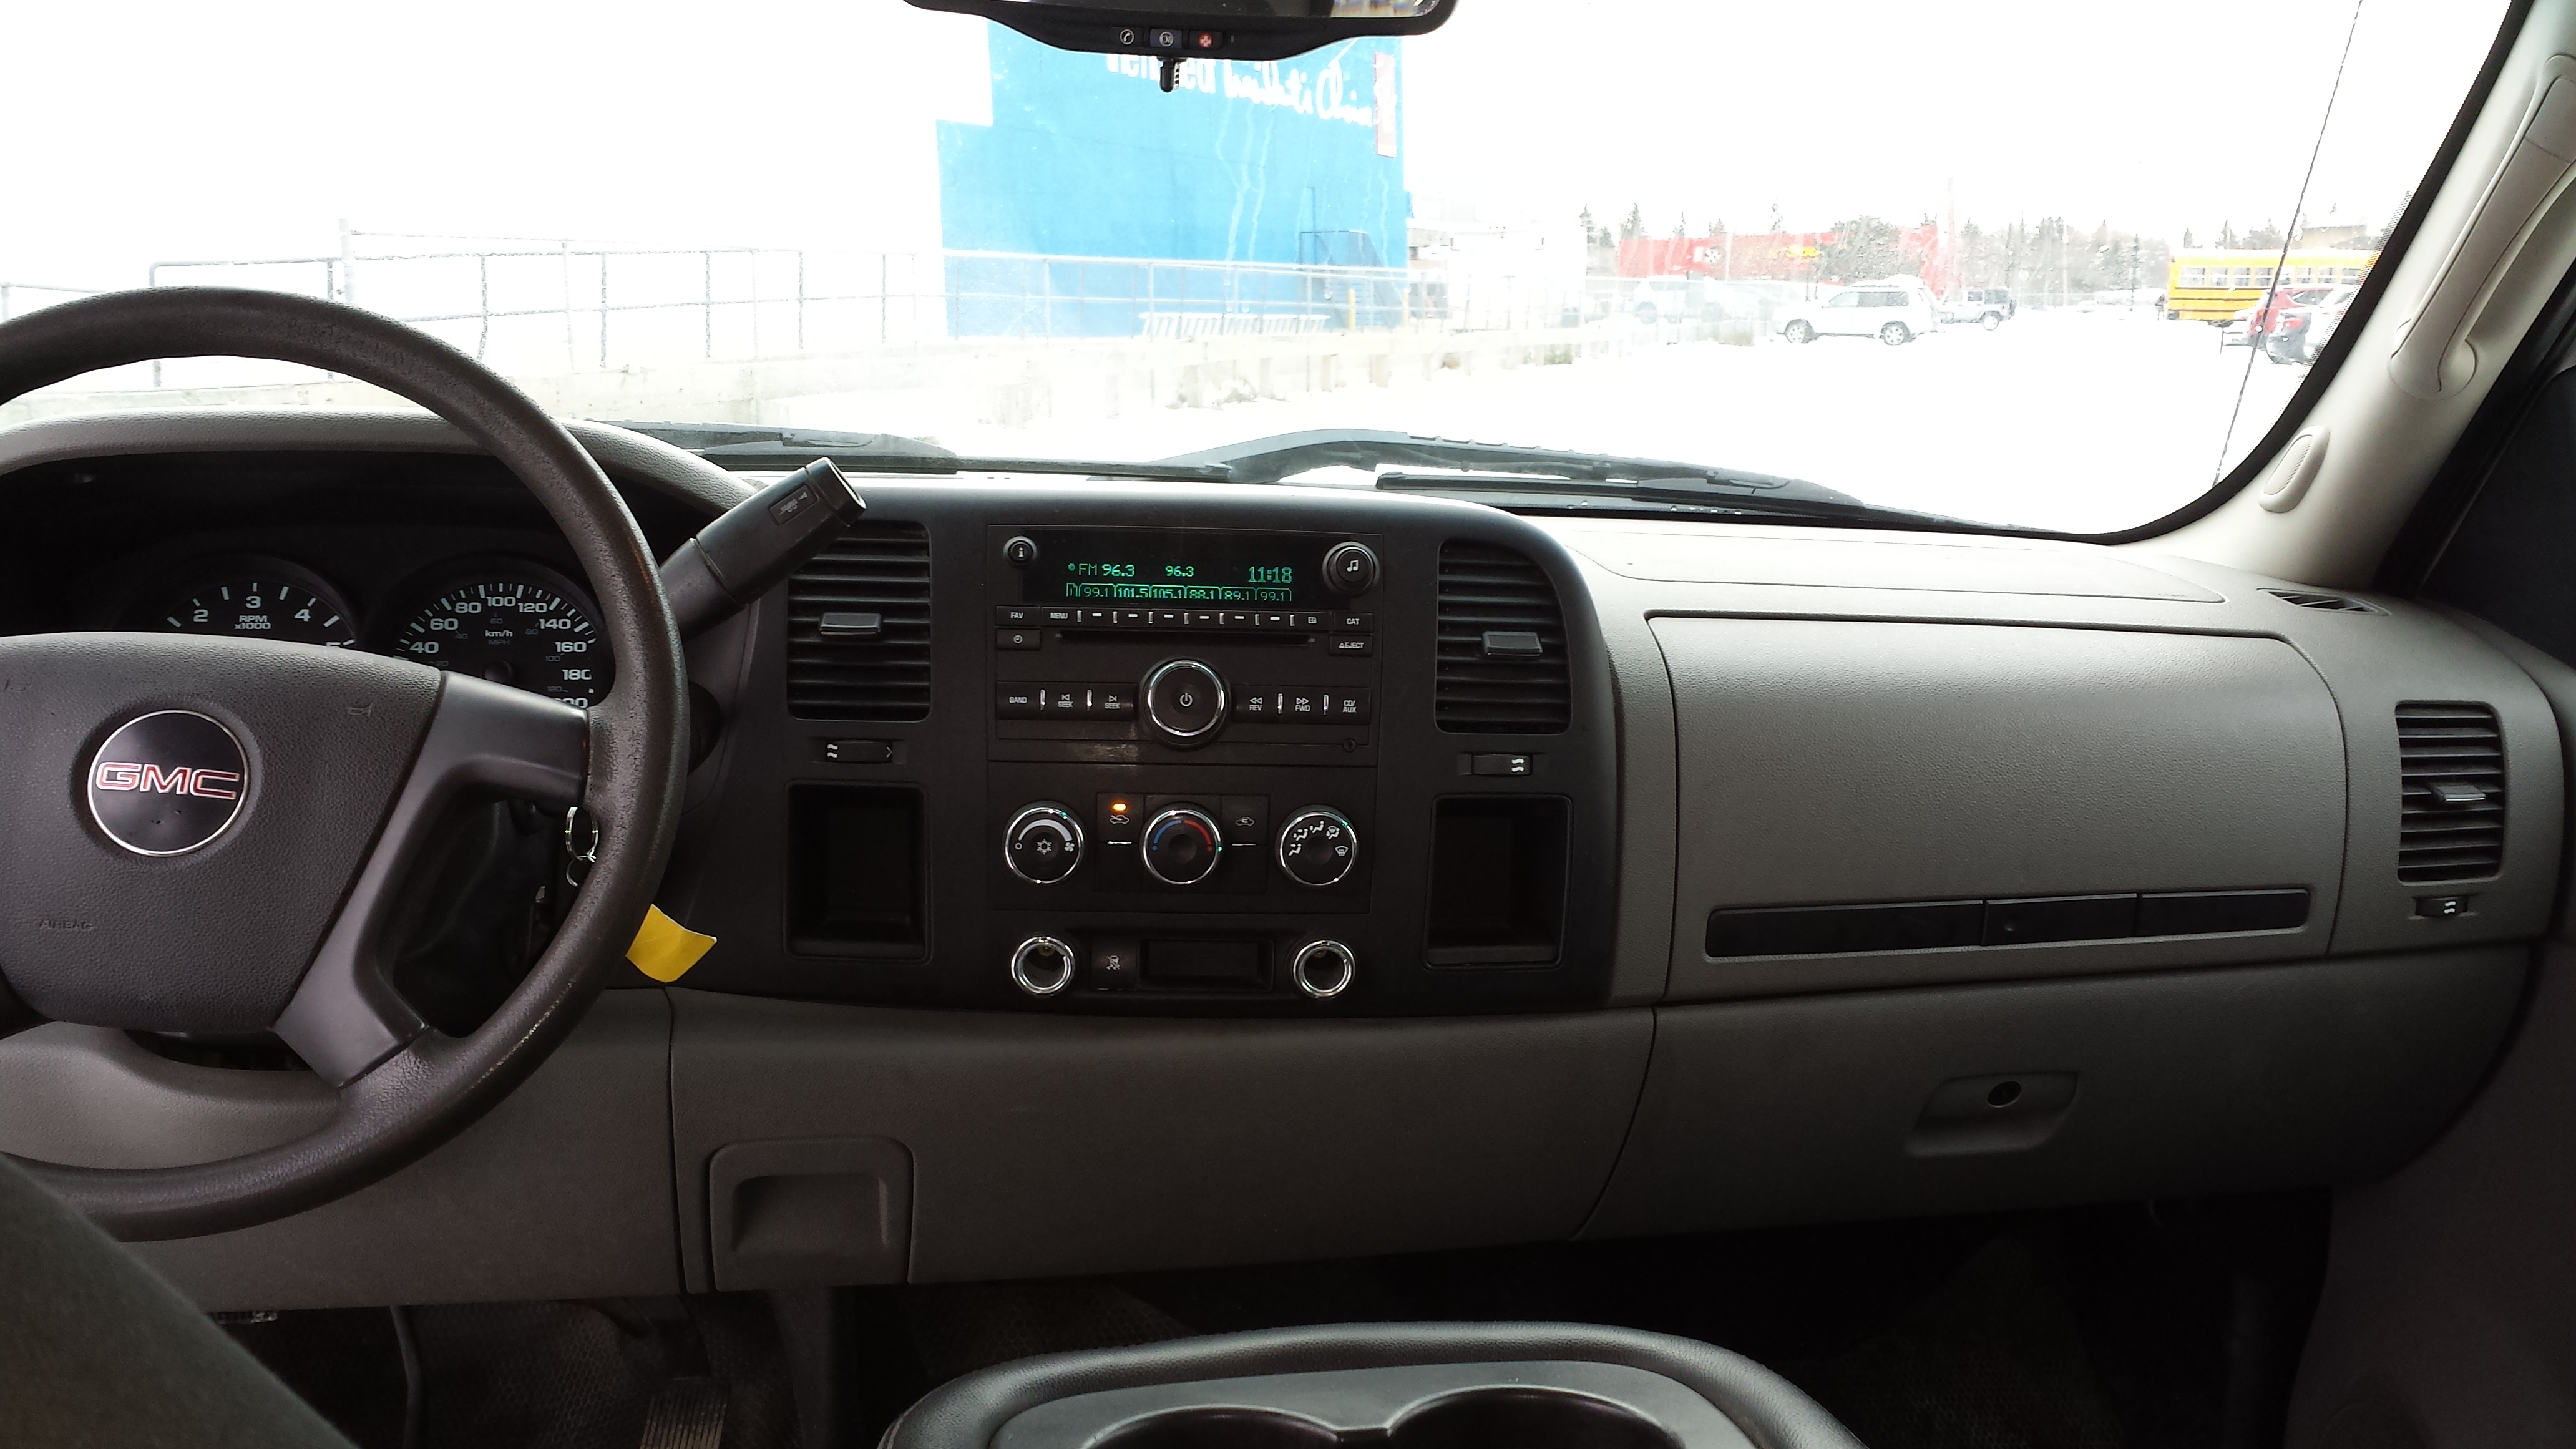 on 1998 Dodge Grand Caravan